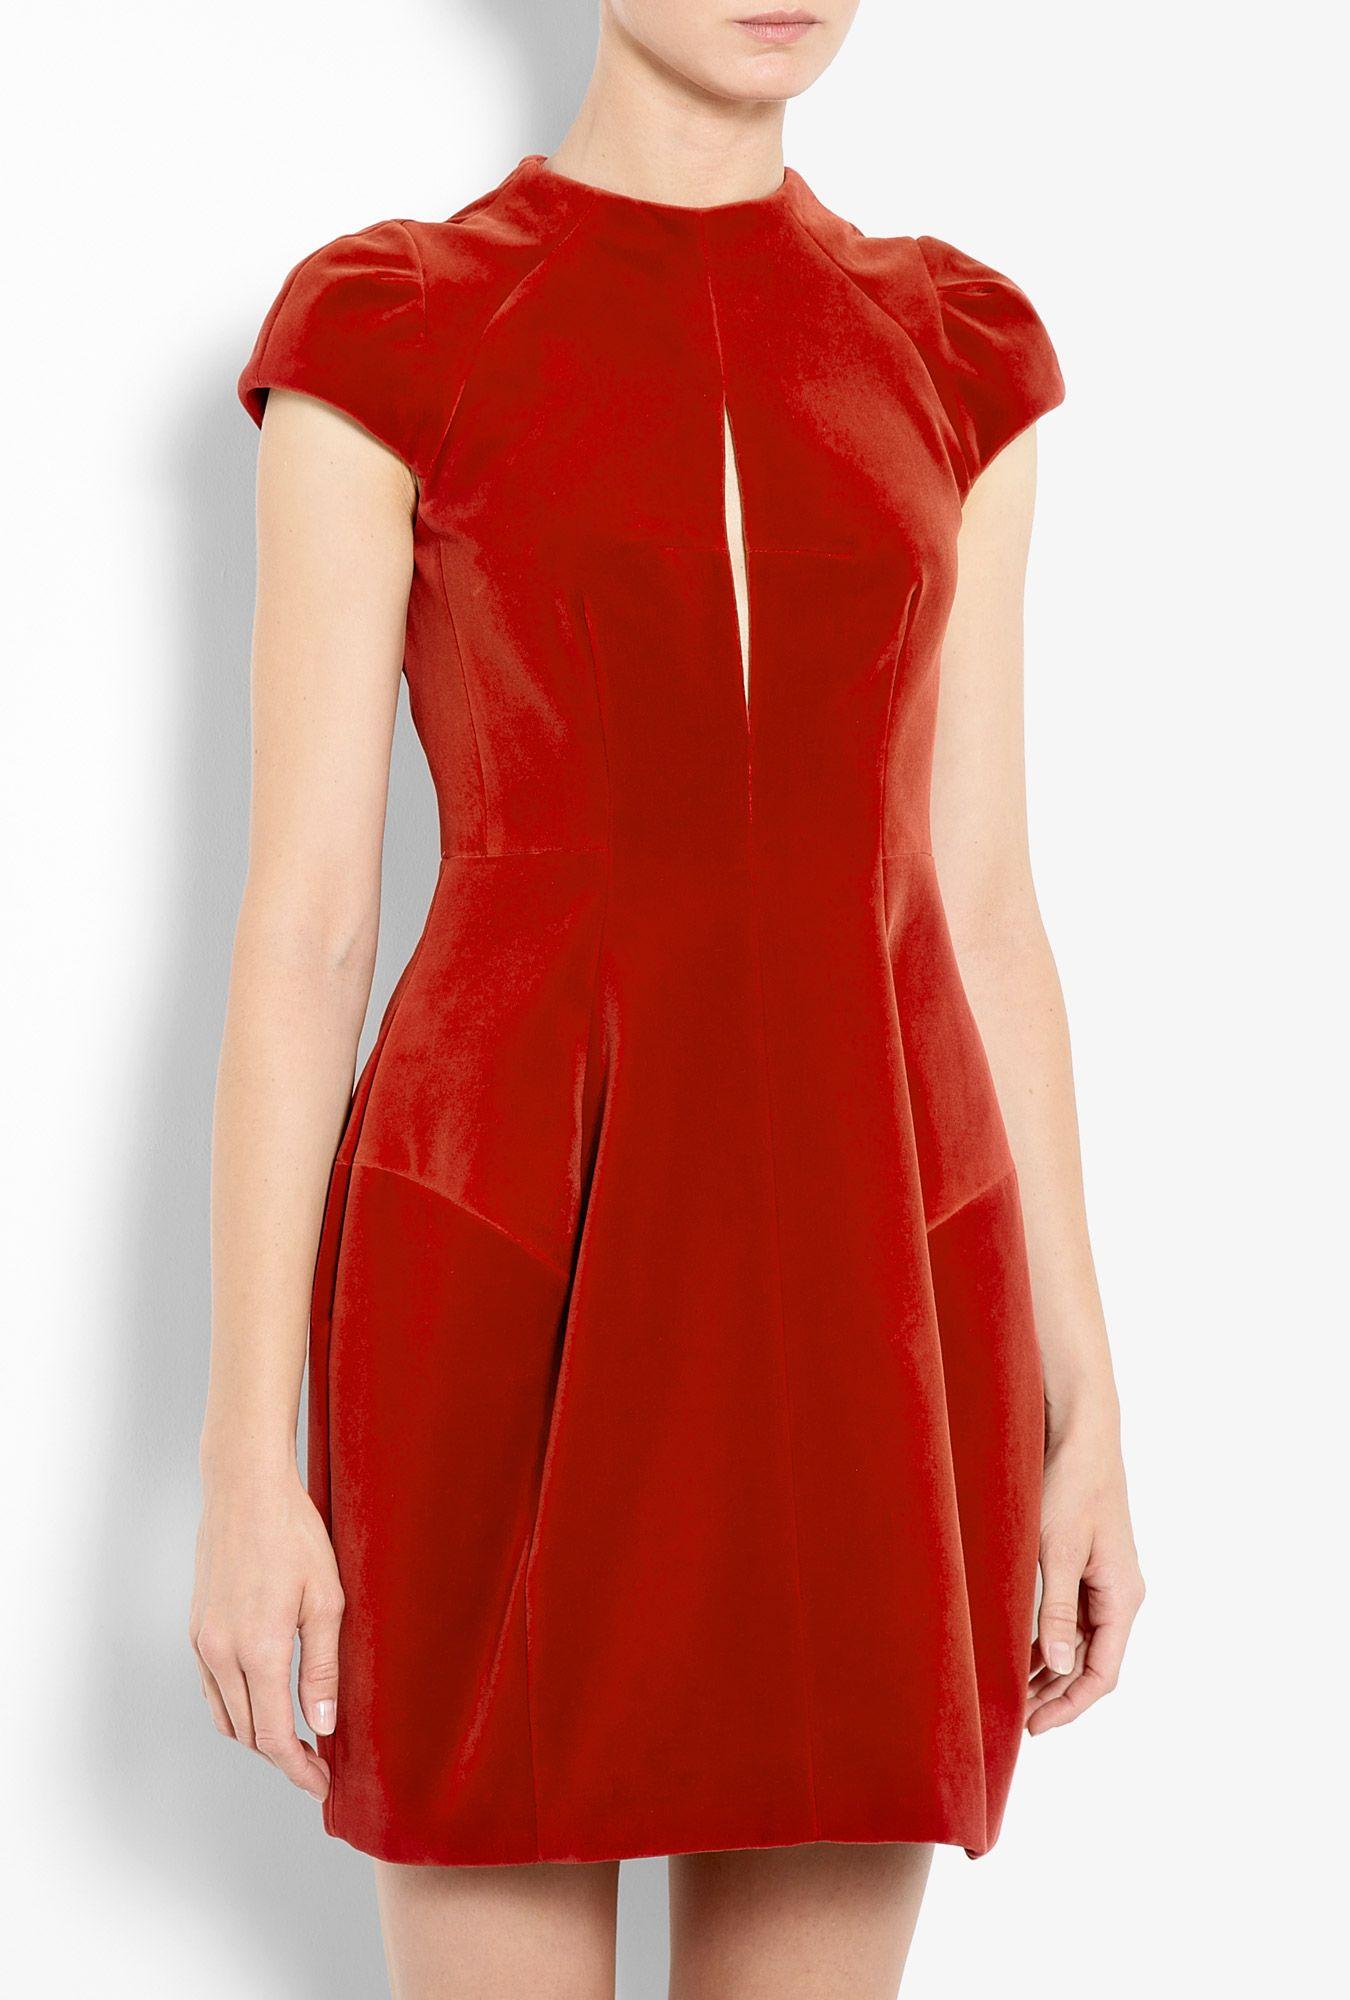 029d87fd86 Carven red velvet dress